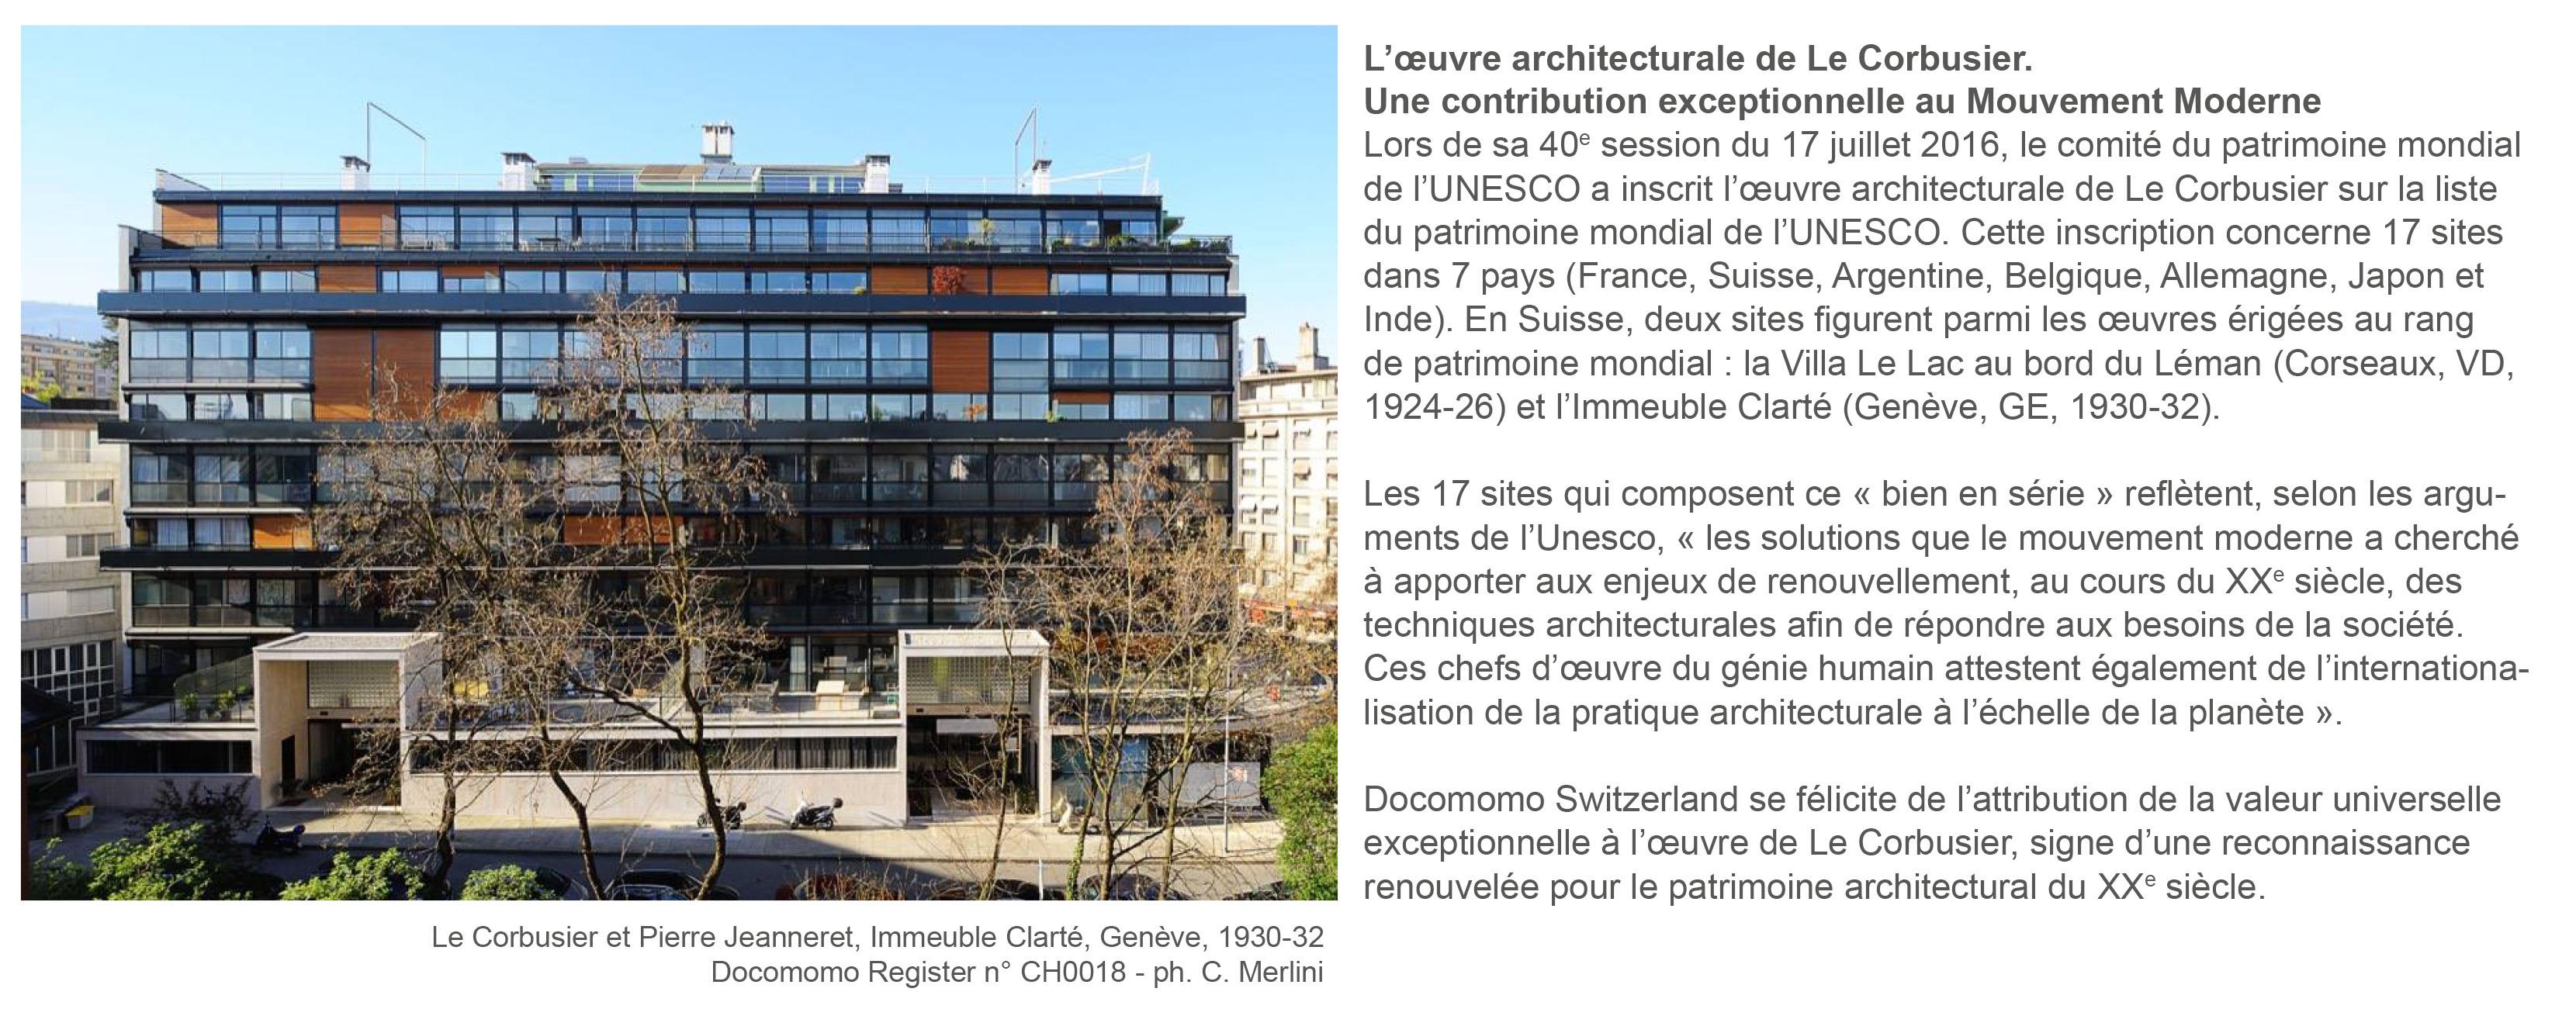 docomomo switzerland classement Unesco Le Corbusier